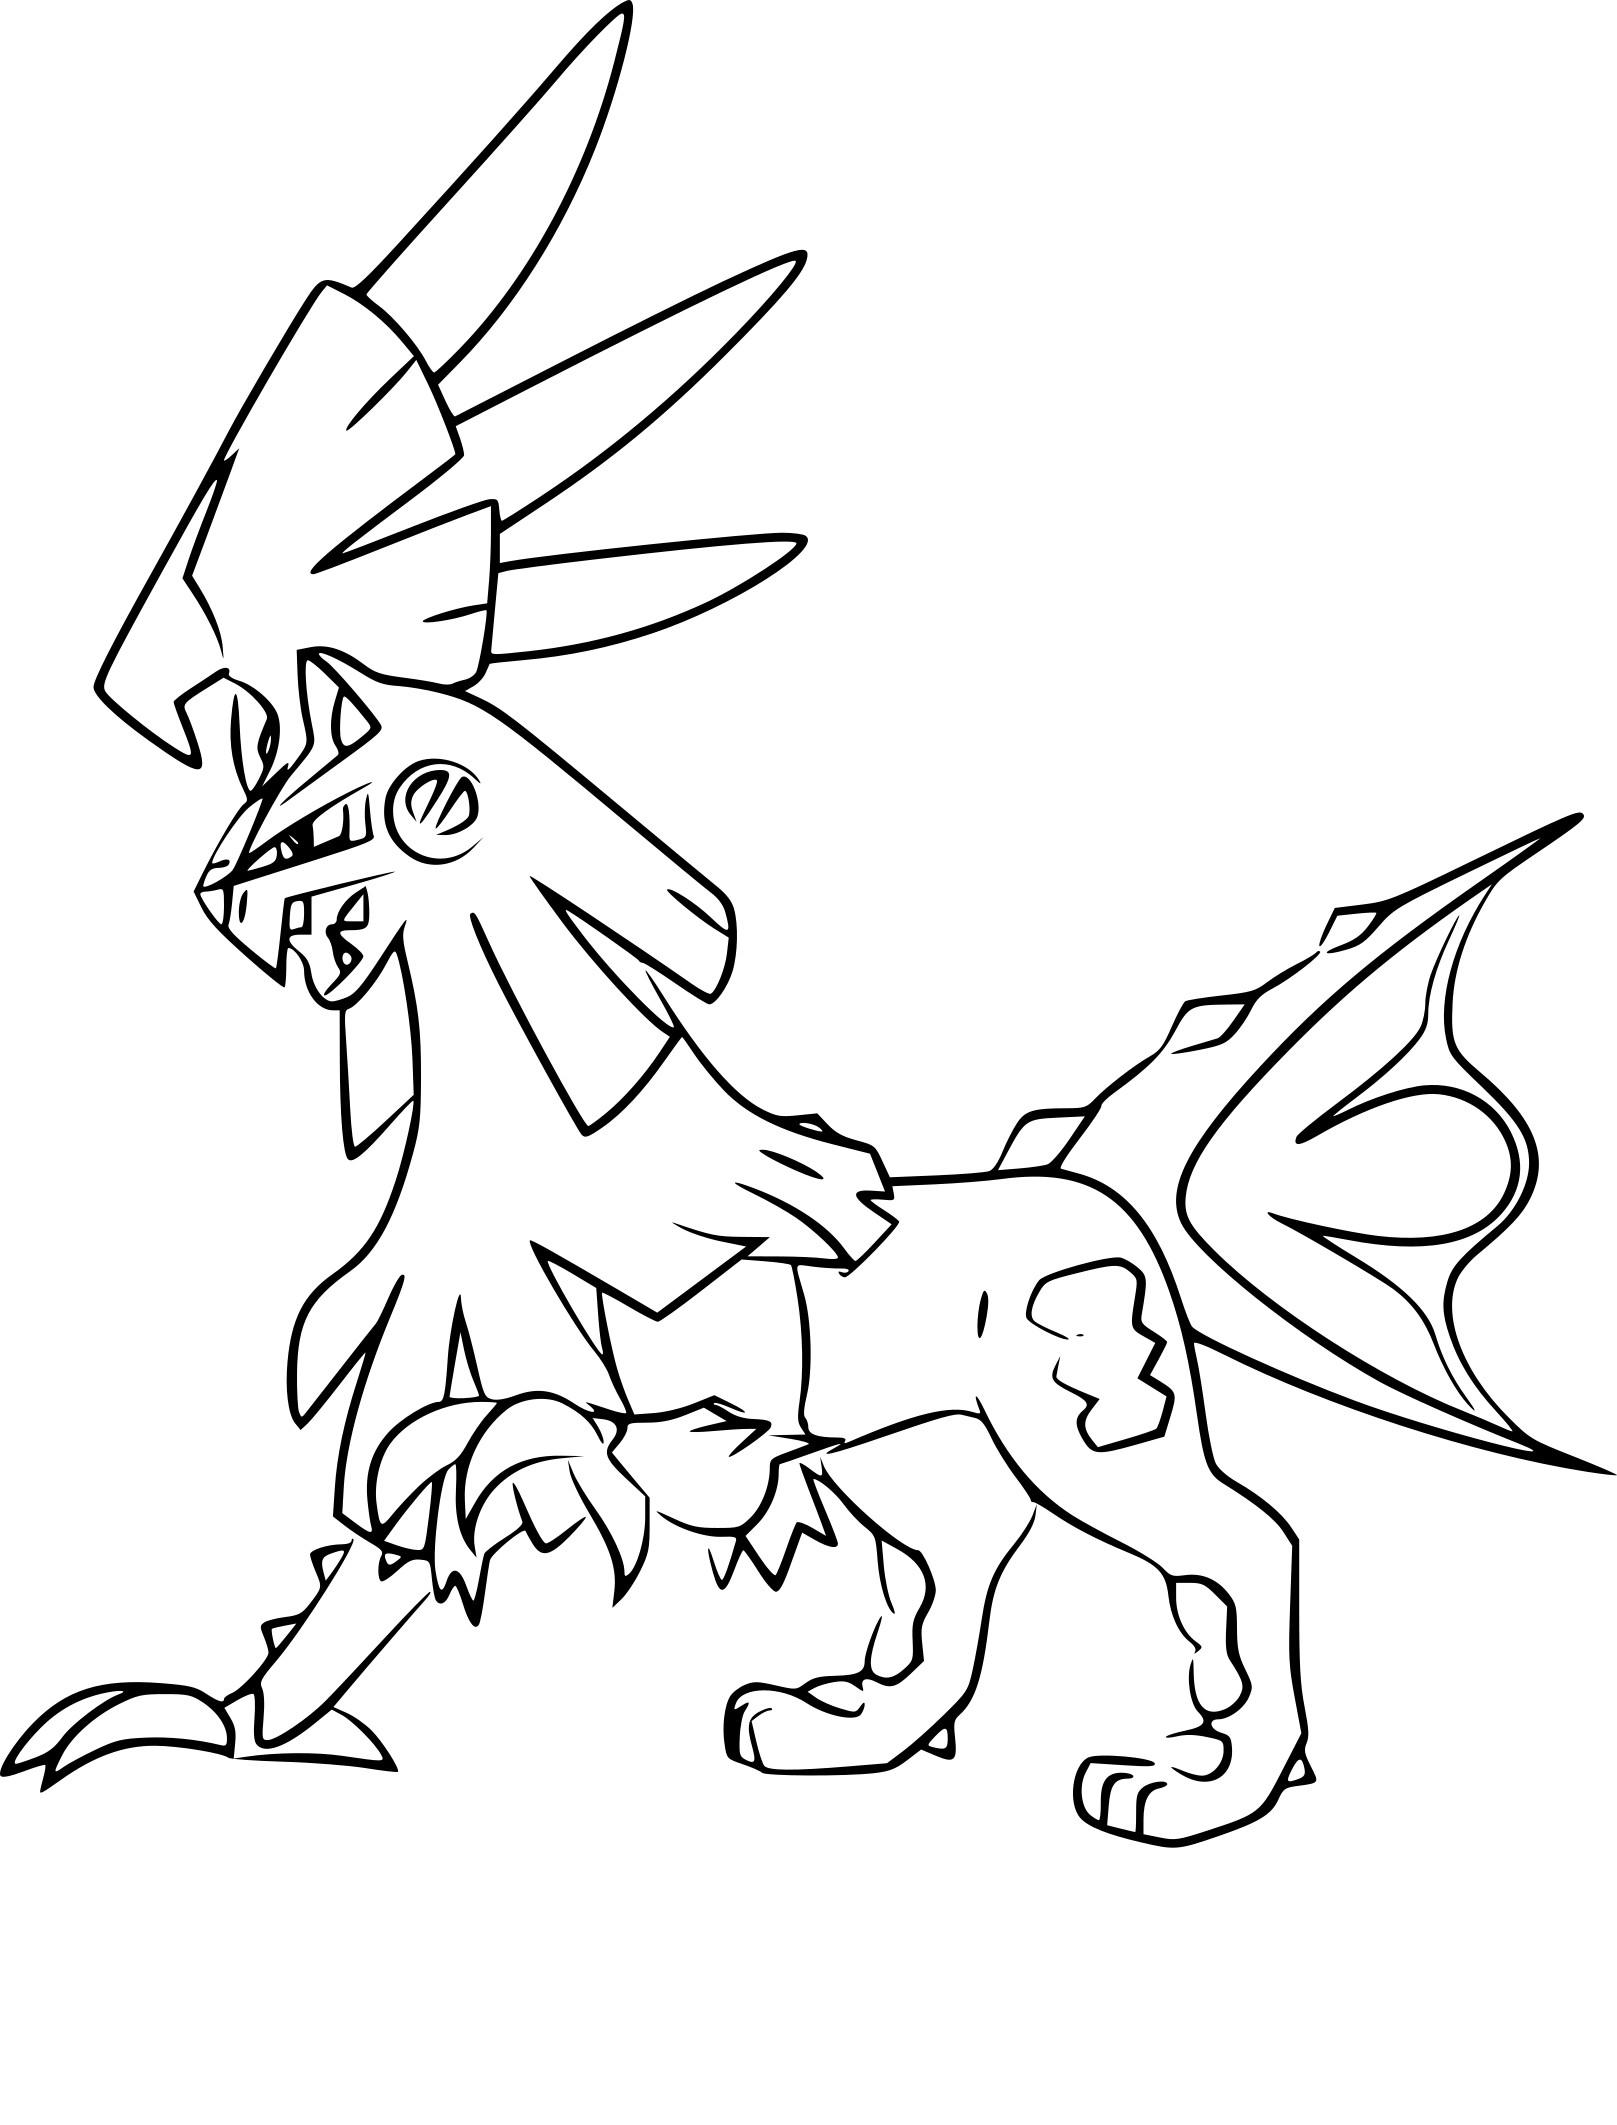 Coloriage Silvallié Pokemon À Imprimer concernant Coloriage D Épée